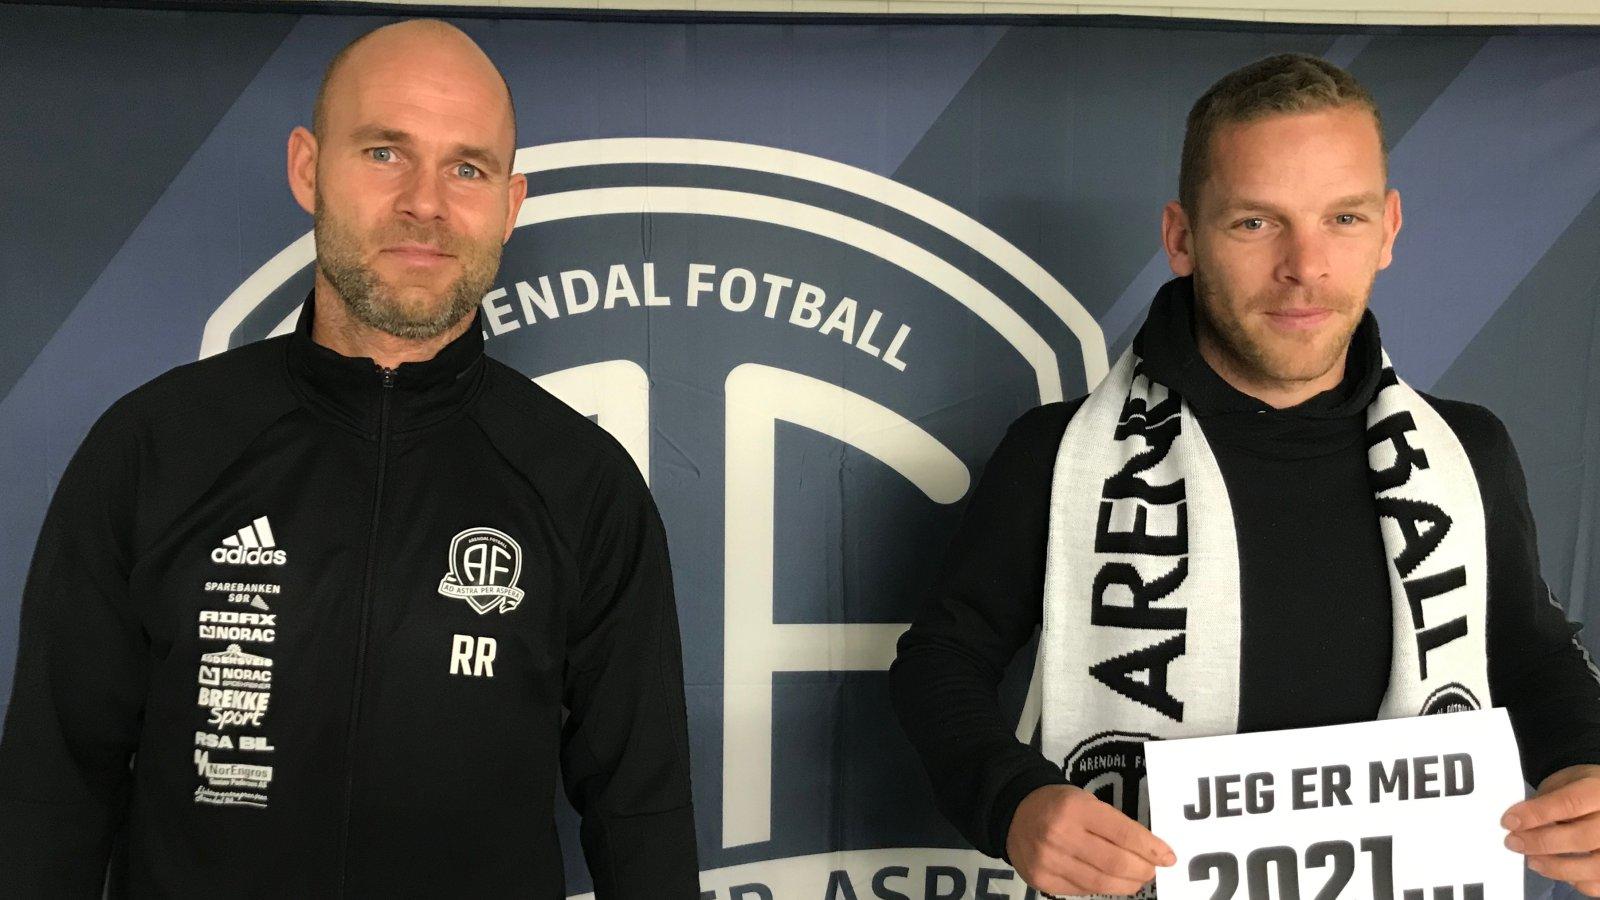 Roger Risholt er glad for at Jakob Rasmussen blir med i minst en sesong til i Arendal Fotball.